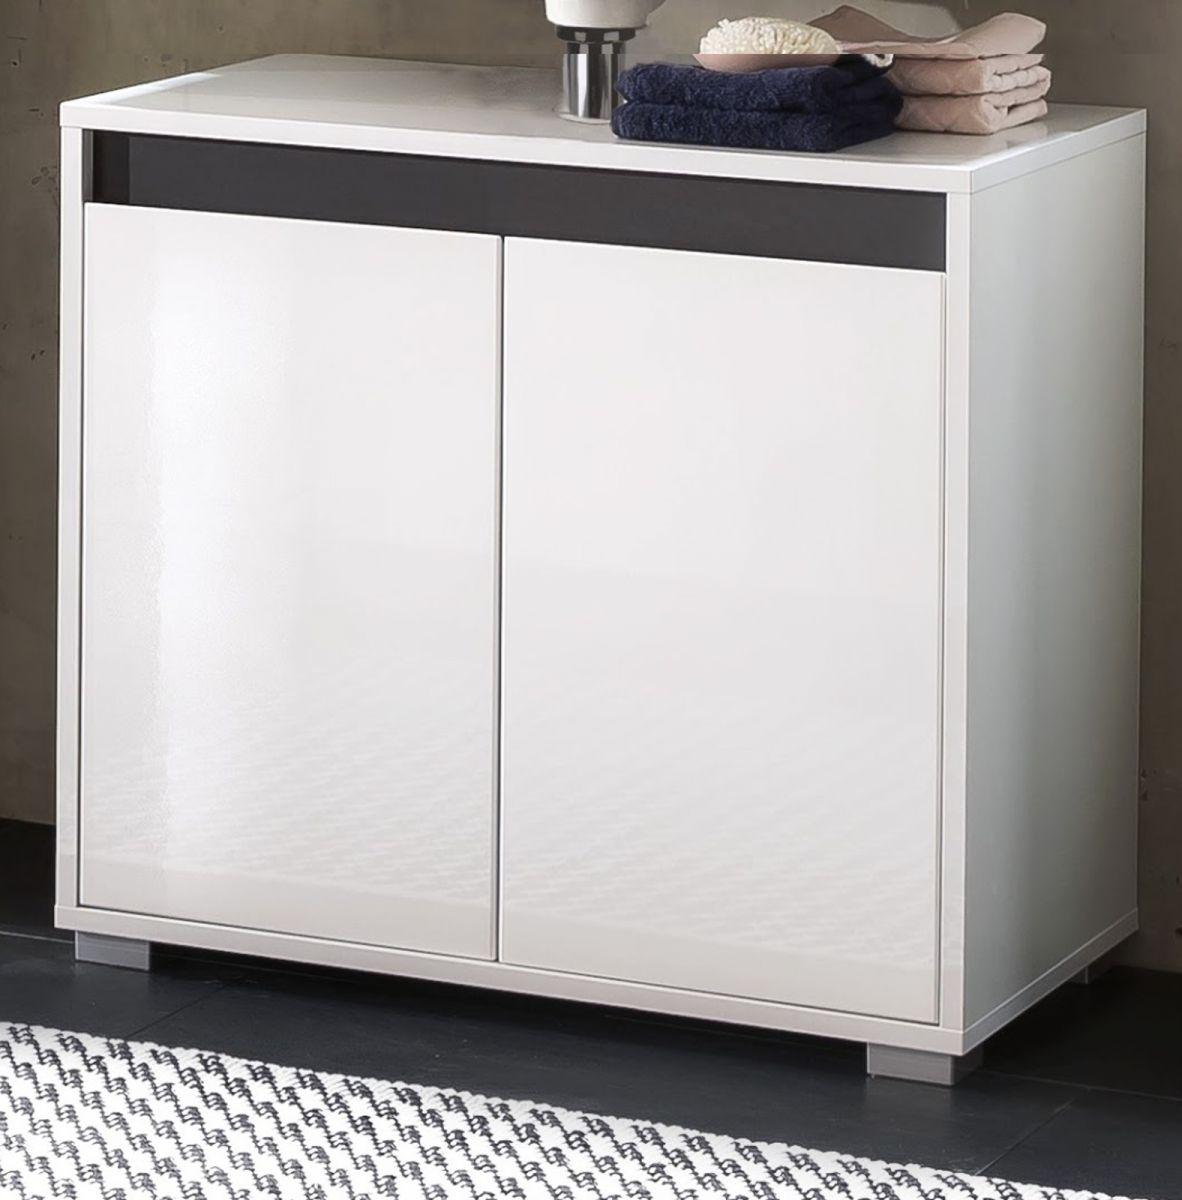 Waschbeckenunterschrank SOL Lack Hochglanz weiss und grau 67x60 cm